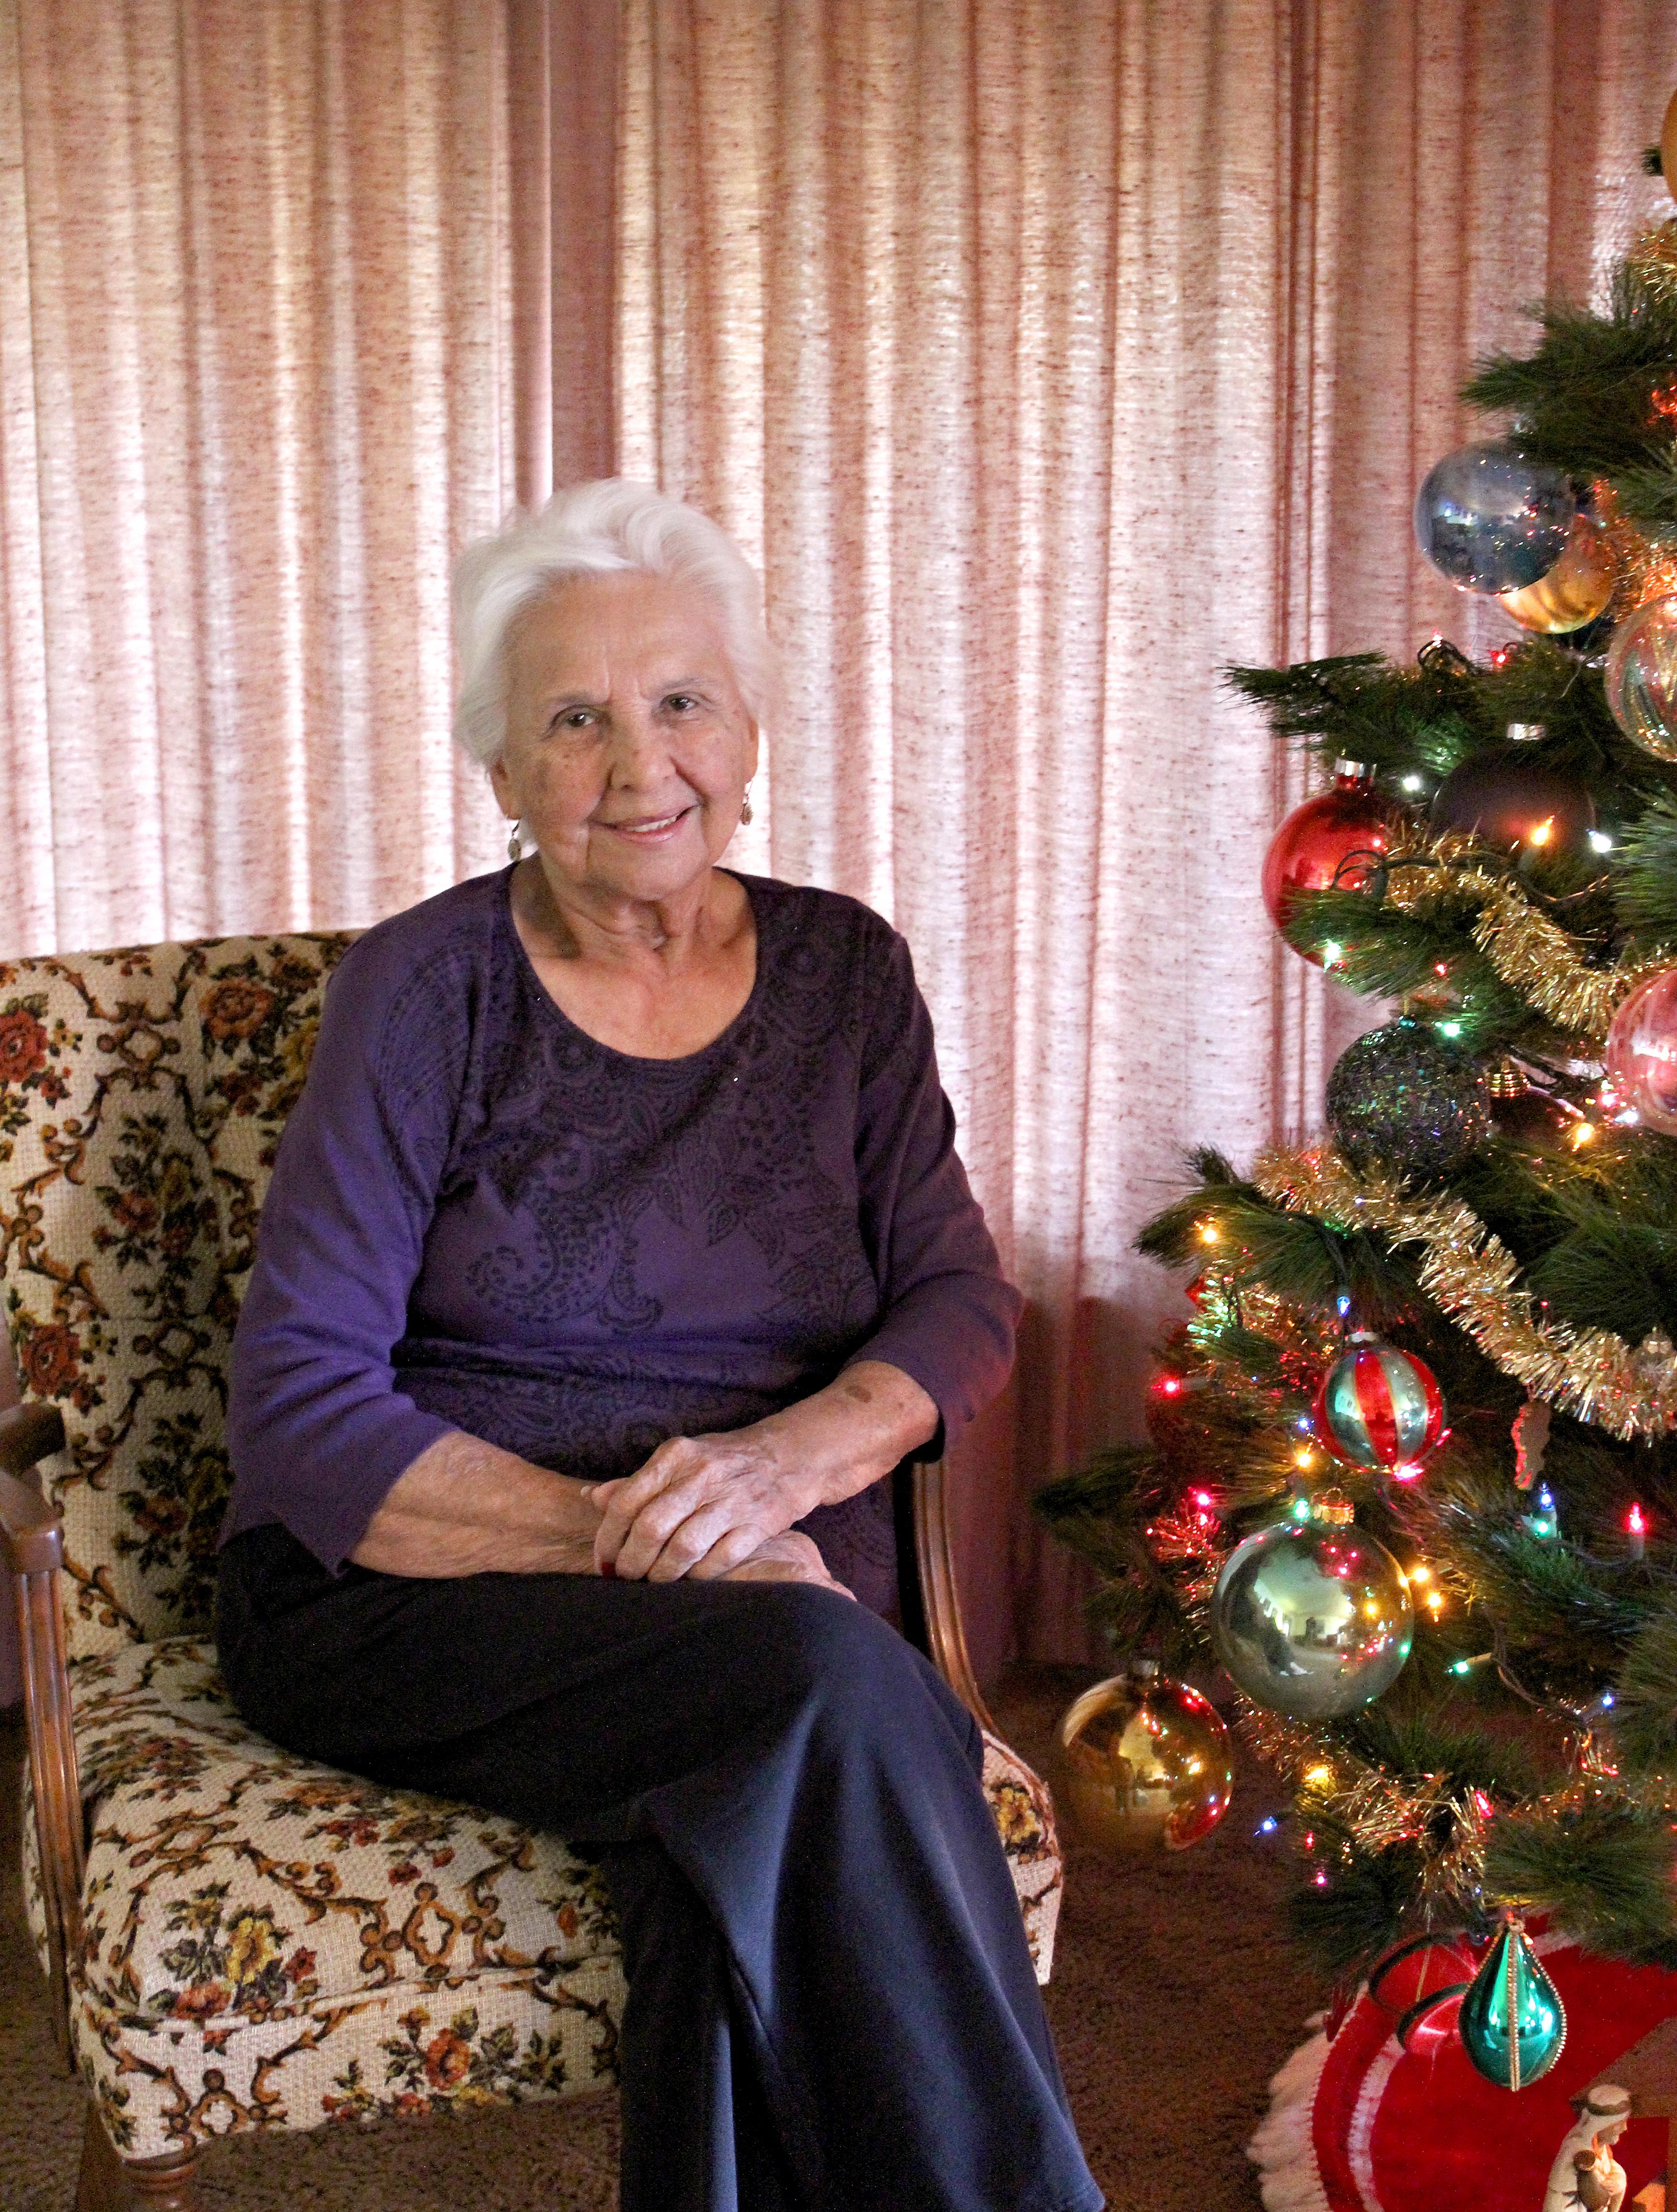 Elders Series: Marilyn Oberly Dailey